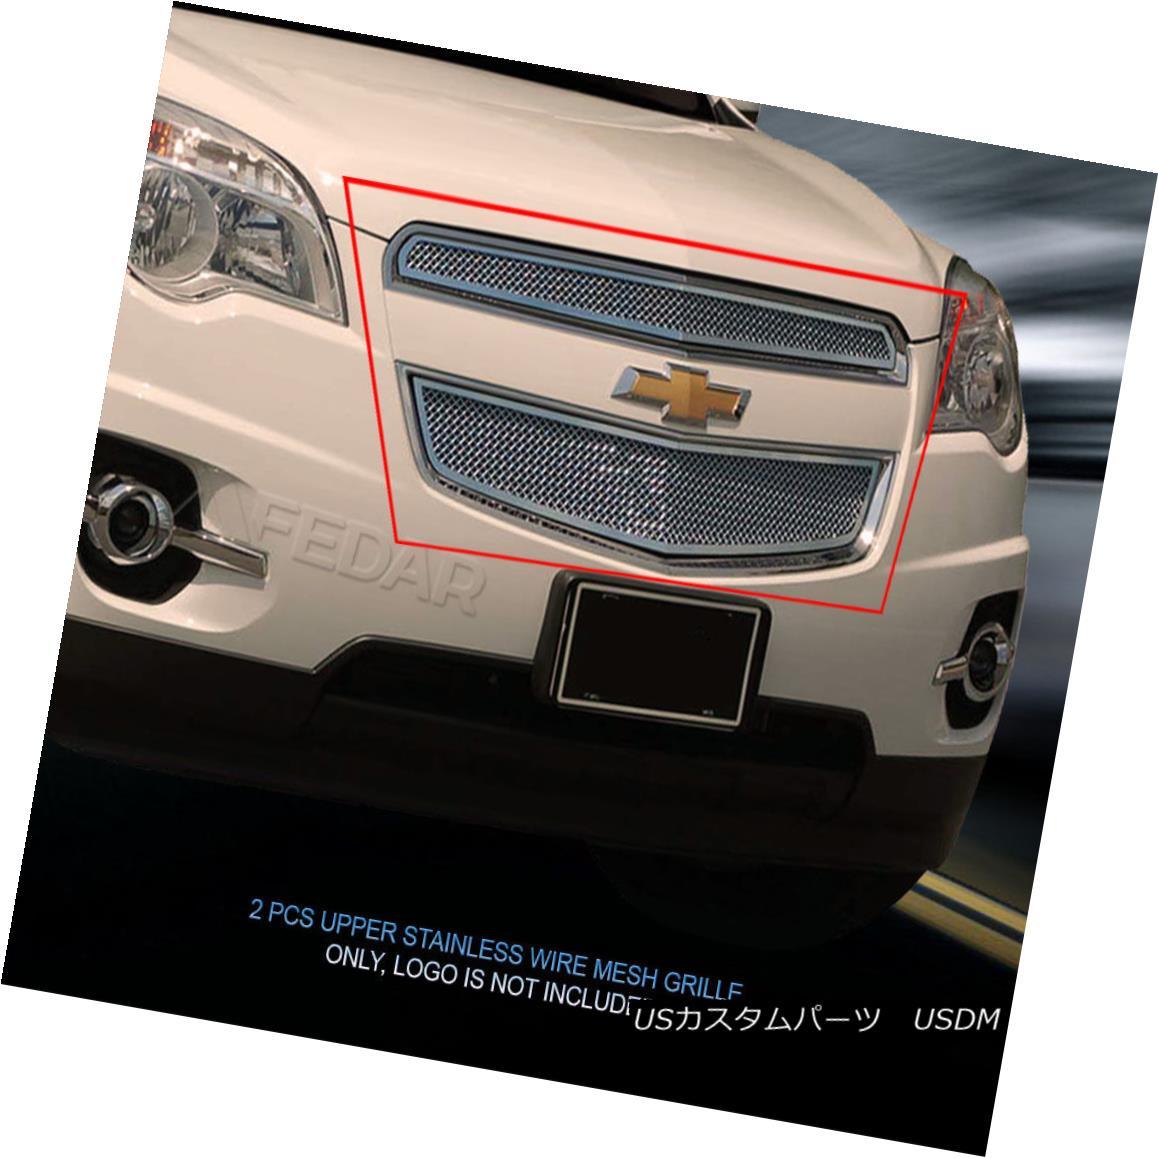 グリル For 2010-2015 Chevy Equinox Stainless Mesh Grille Grill Insert 2 Pcs Fedar 2010-2015シボレーエクイノックスステンレスメッシュグリルグリルインサート2個入りFedar